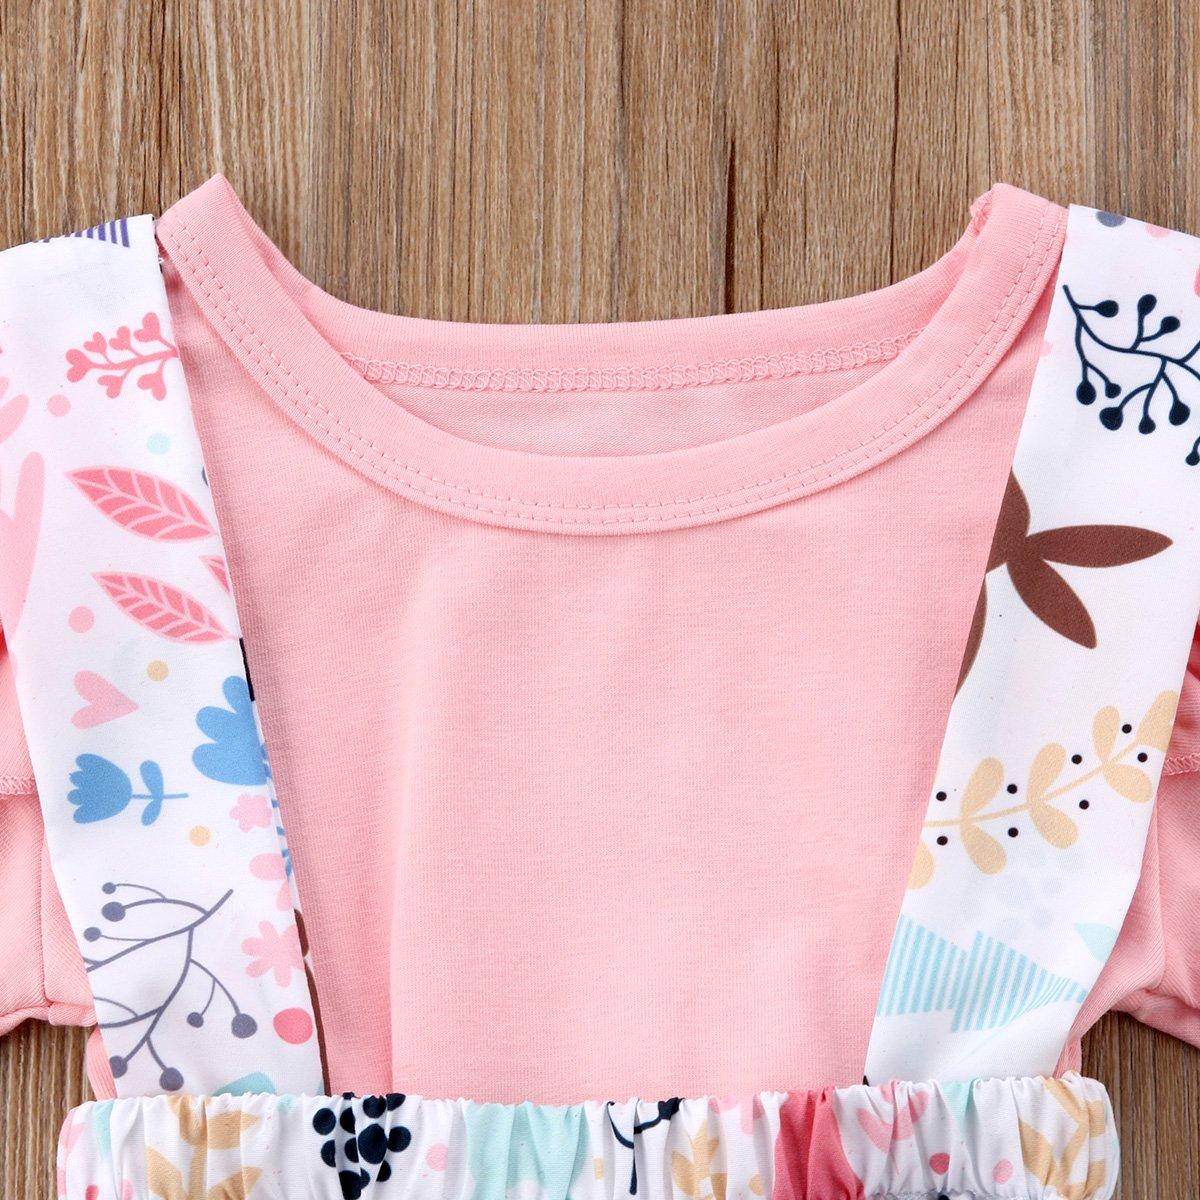 Easter Day-Toddler Baby Girls Skirt Set Ruffle Sleeve T-Shirt Tops Bunny Overall Skirt